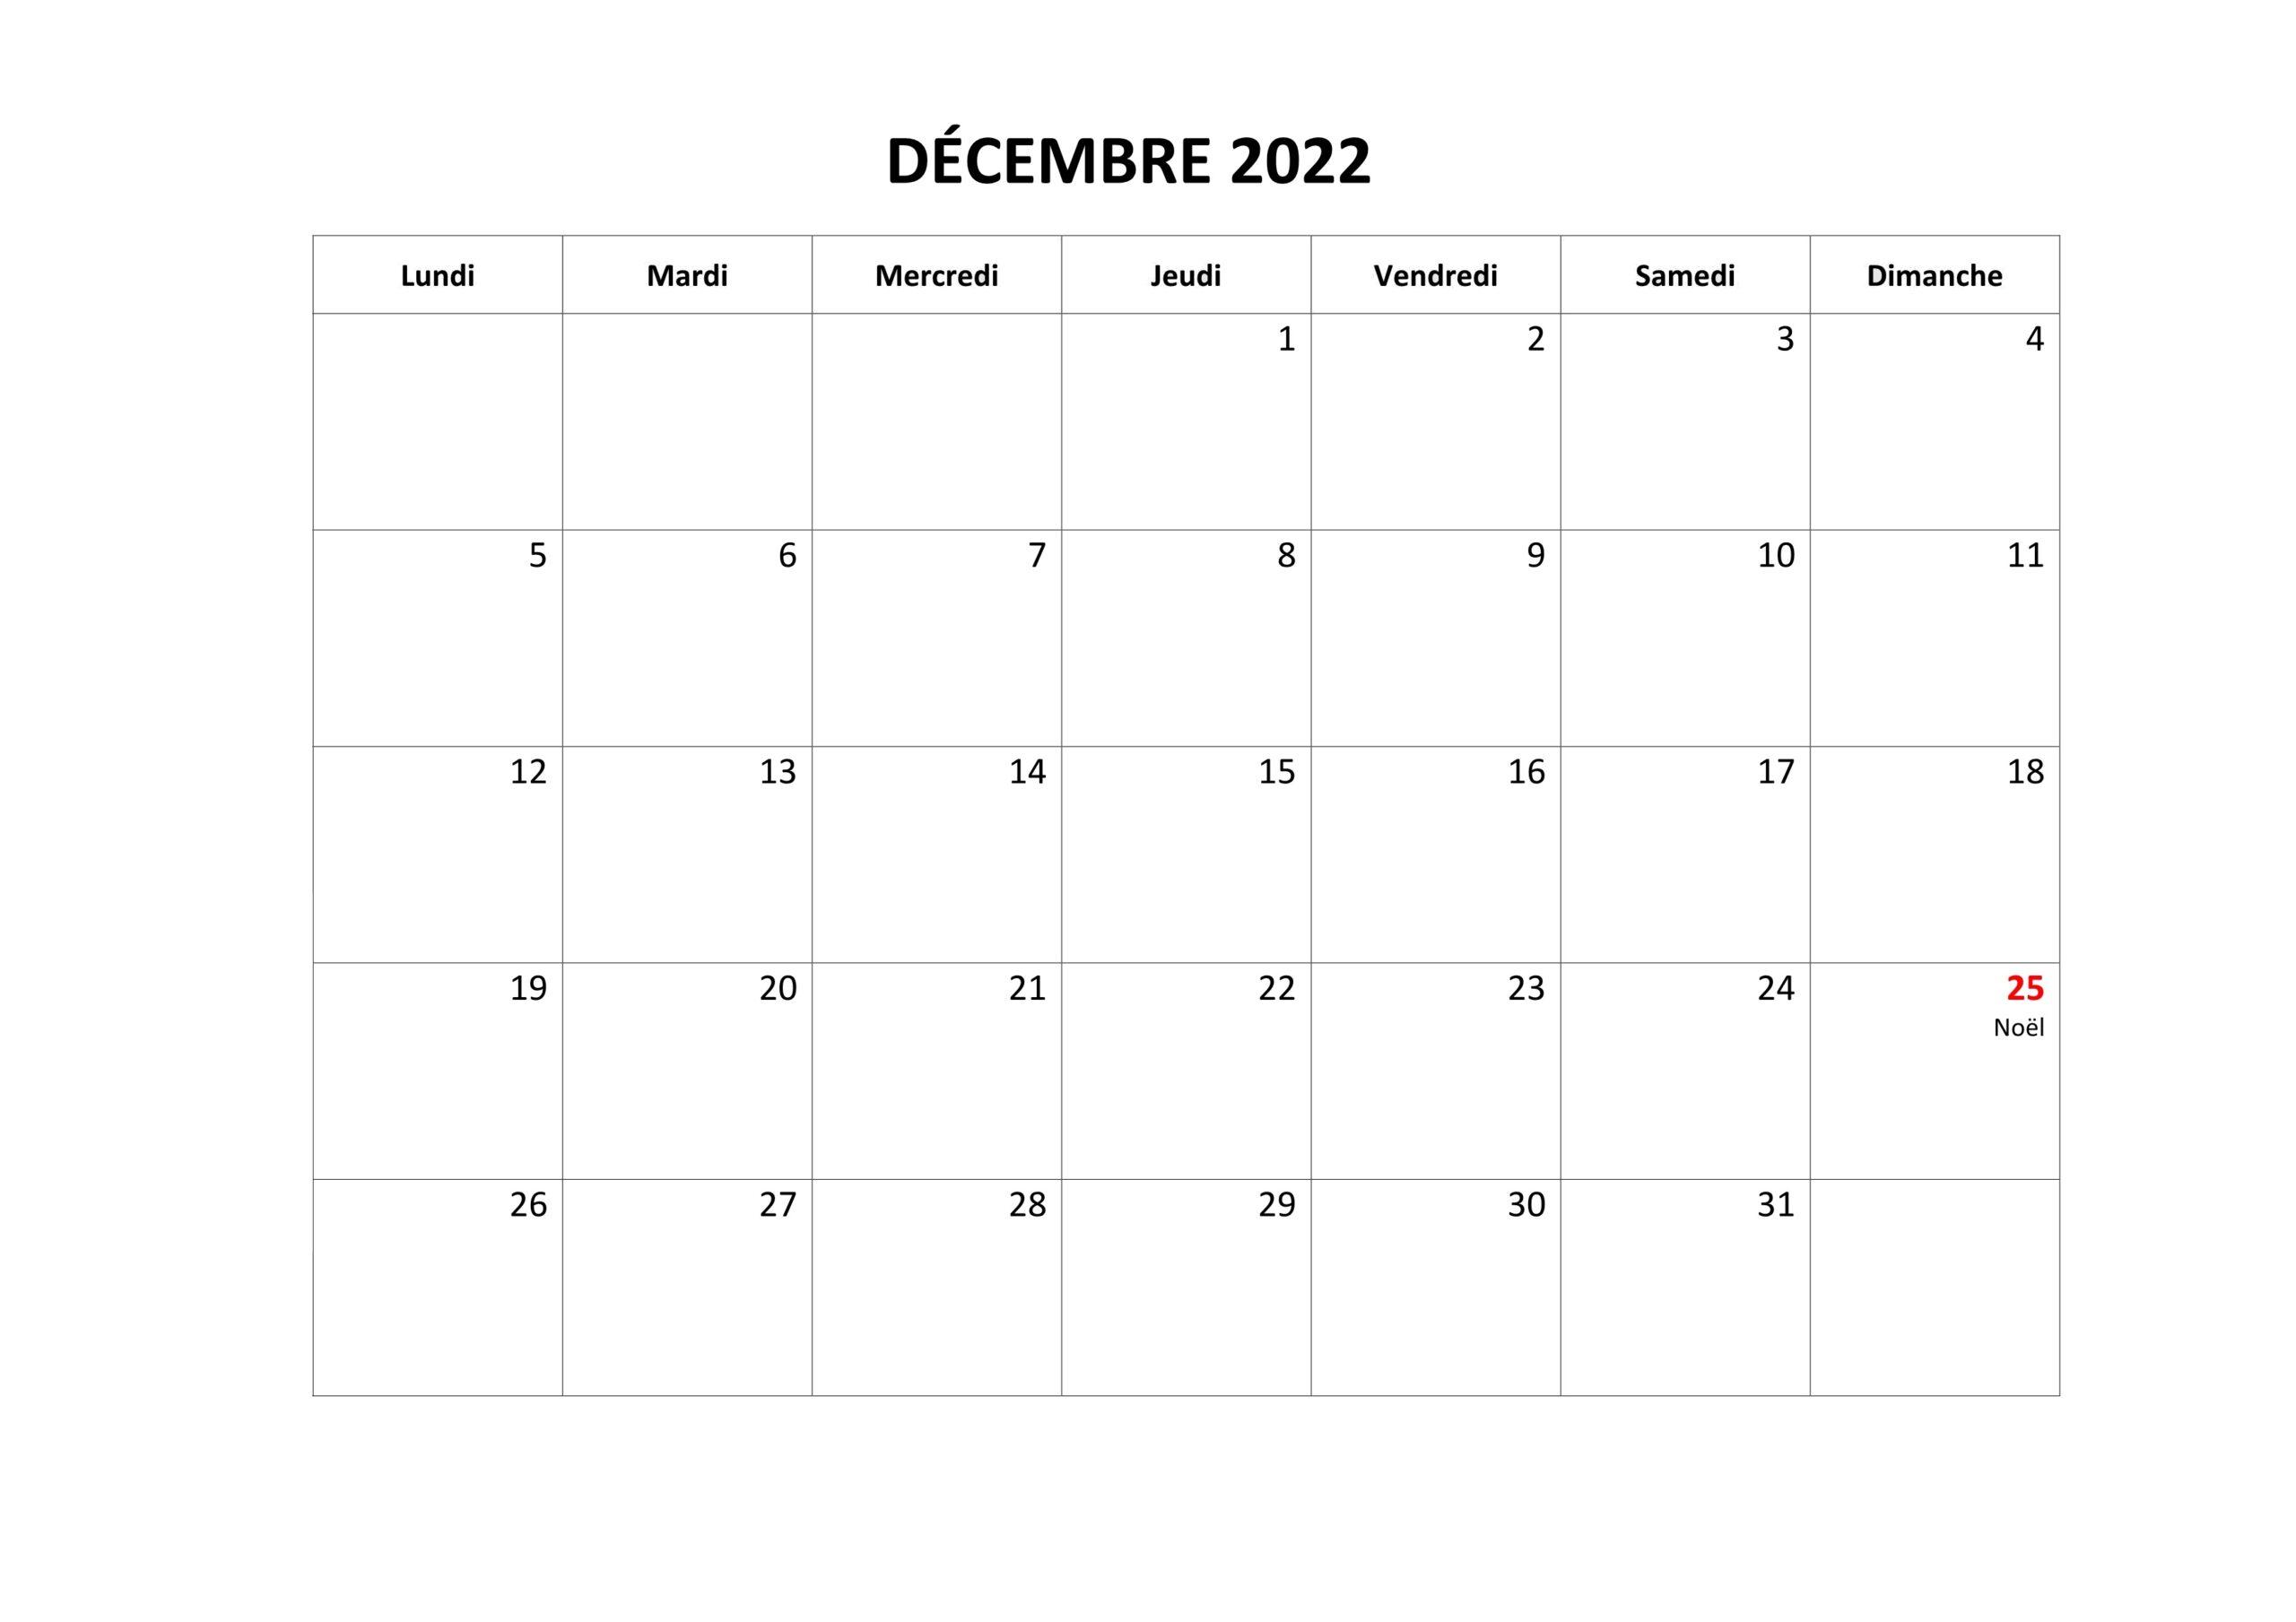 Calendrier Decembre 2022 PDF